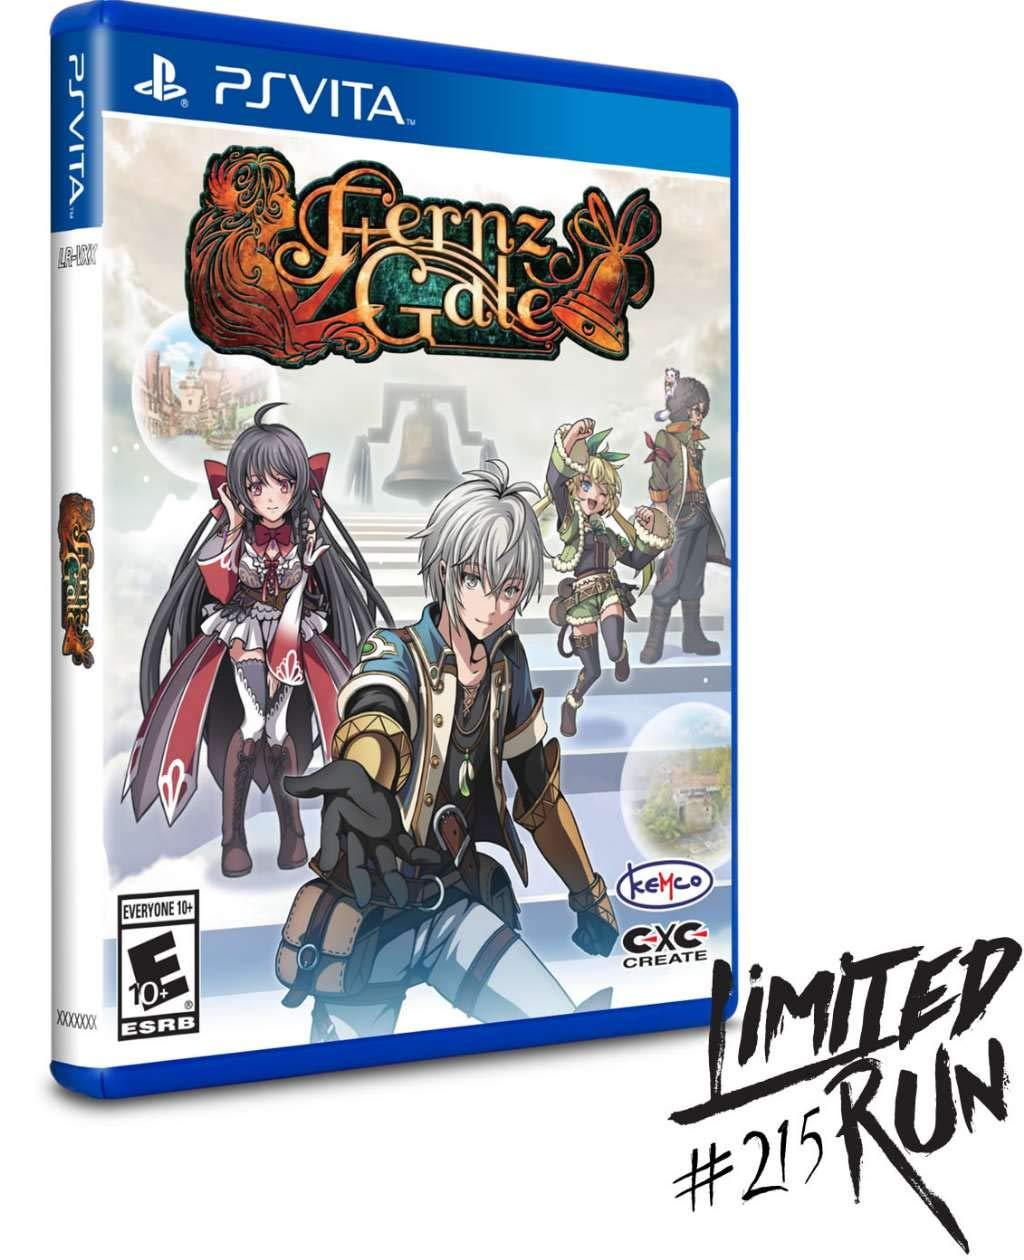 Fernz Gate (Limited Run #215) - PlayStation Vita